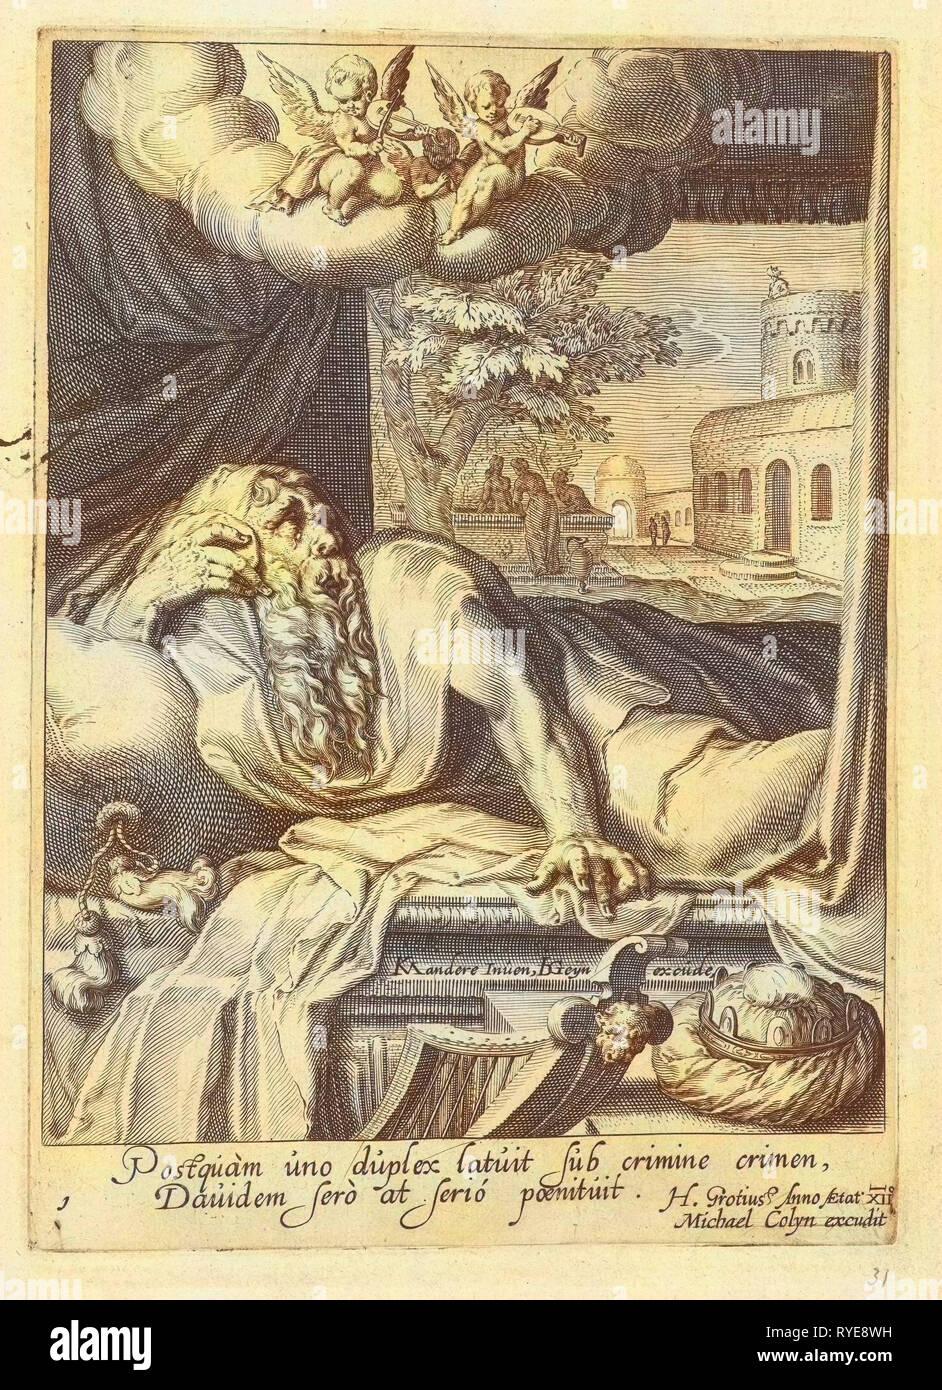 David as penitent, Hugo de Groot, Michael Colyn, 1595 - 1596 - Stock